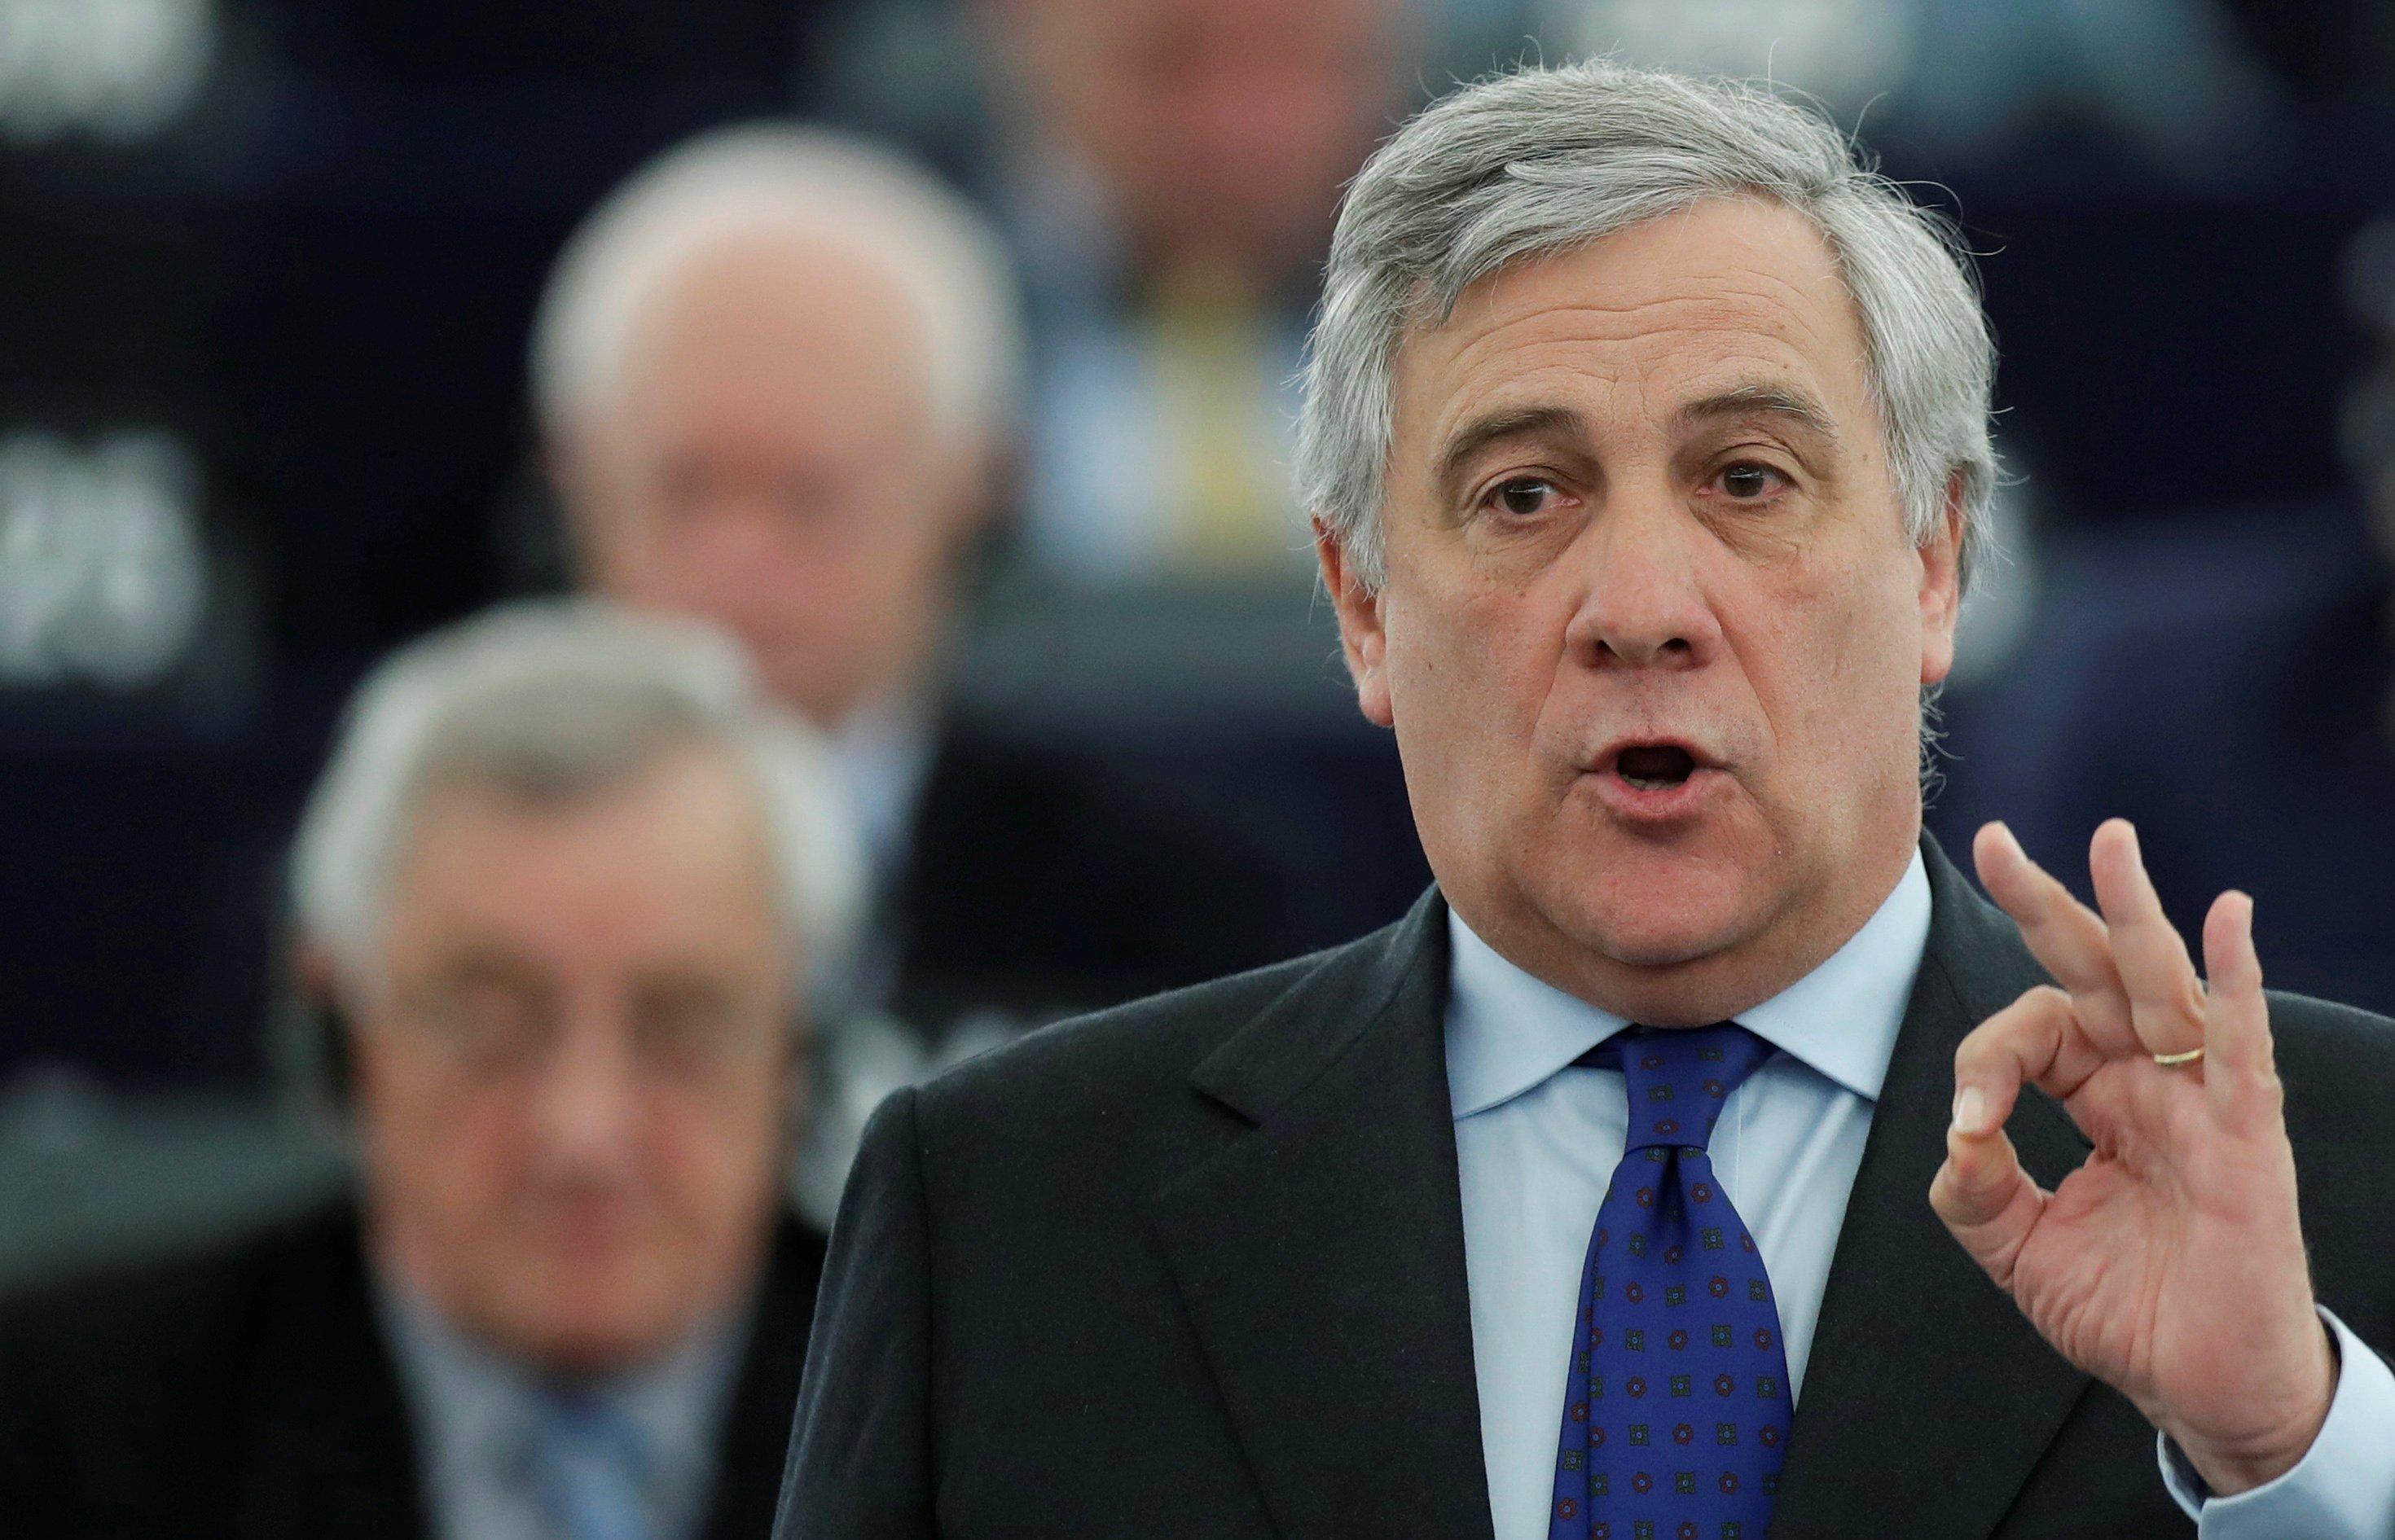 Francuska poslala strogo upozorenje Turskoj zbog upada u EEZ Kipra – predsjednik EP izrazio podršku